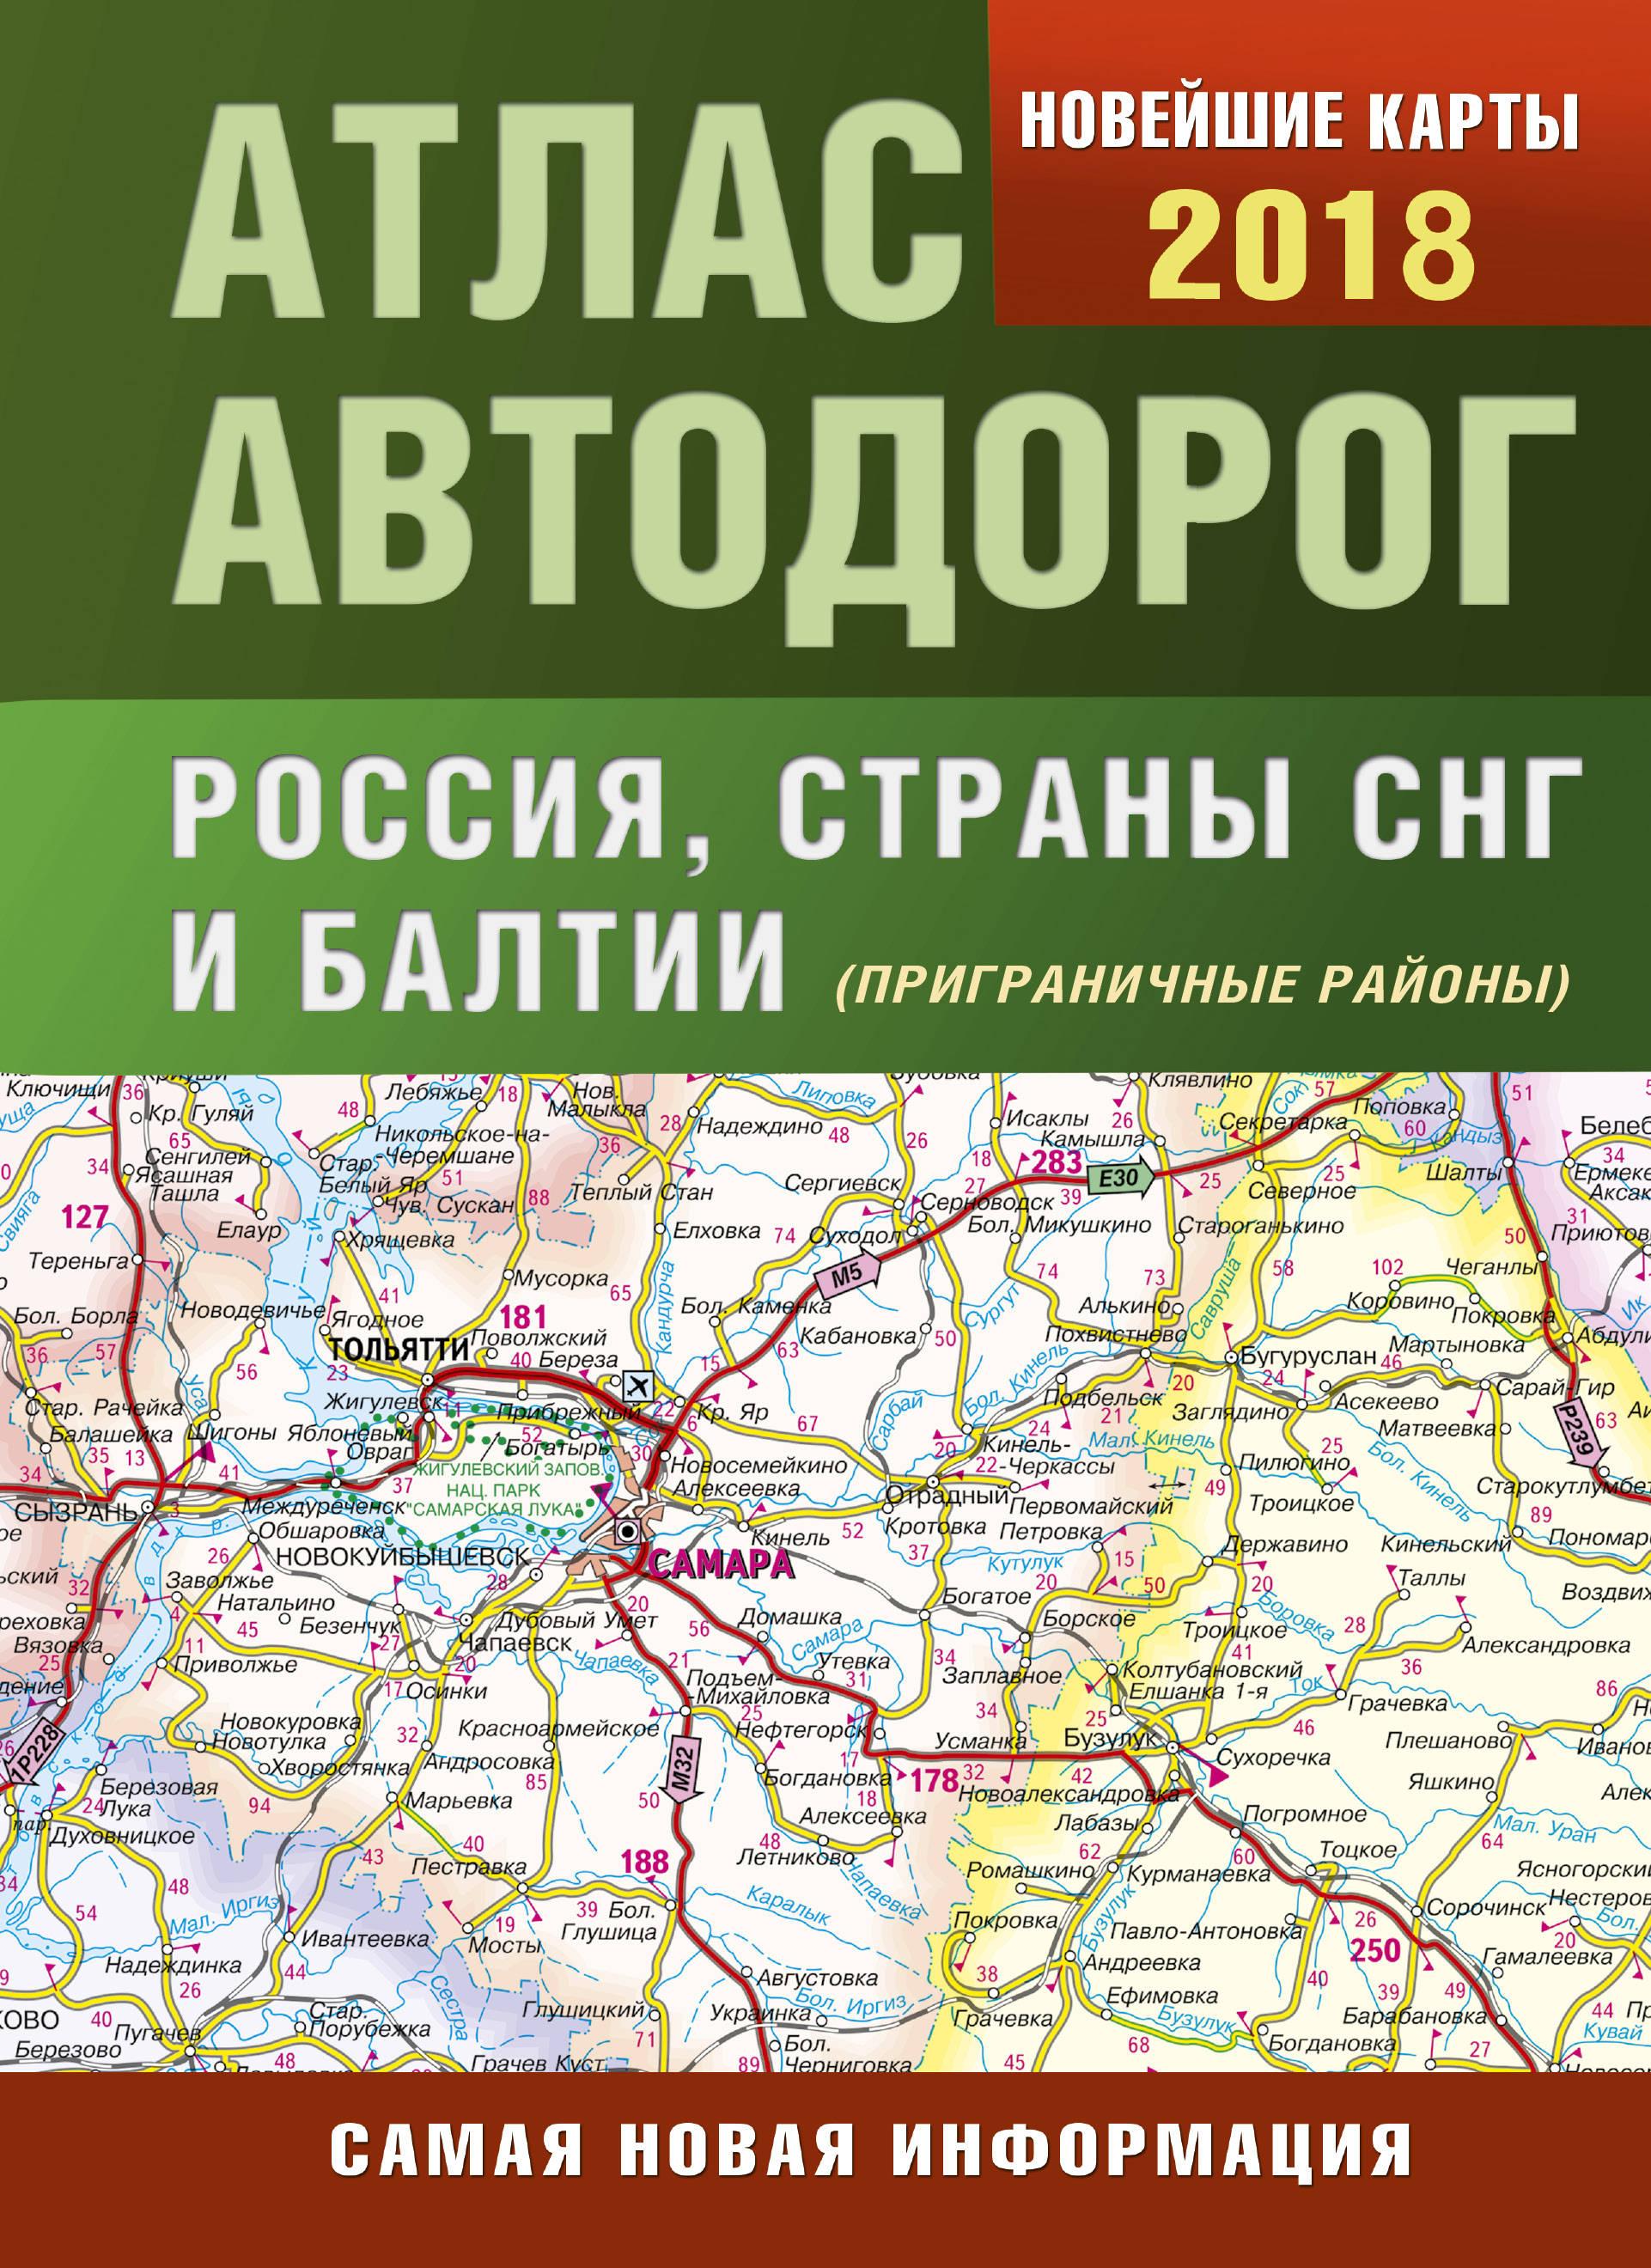 Атлас автодорог России стран СНГ и Балтии (приграничные районы)